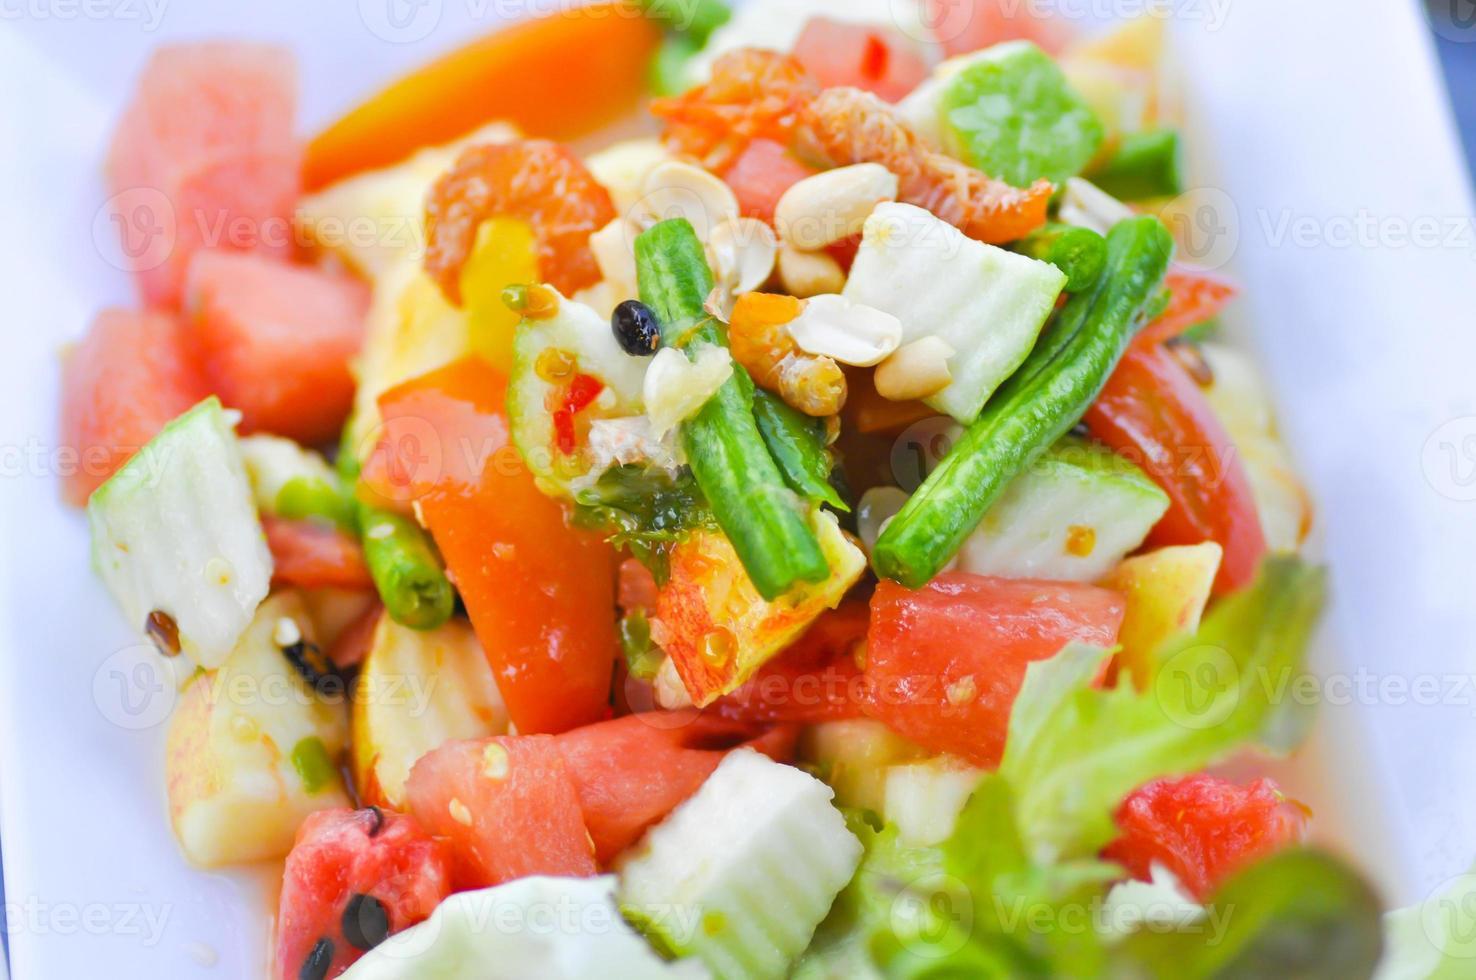 salade de fruits et légumes photo